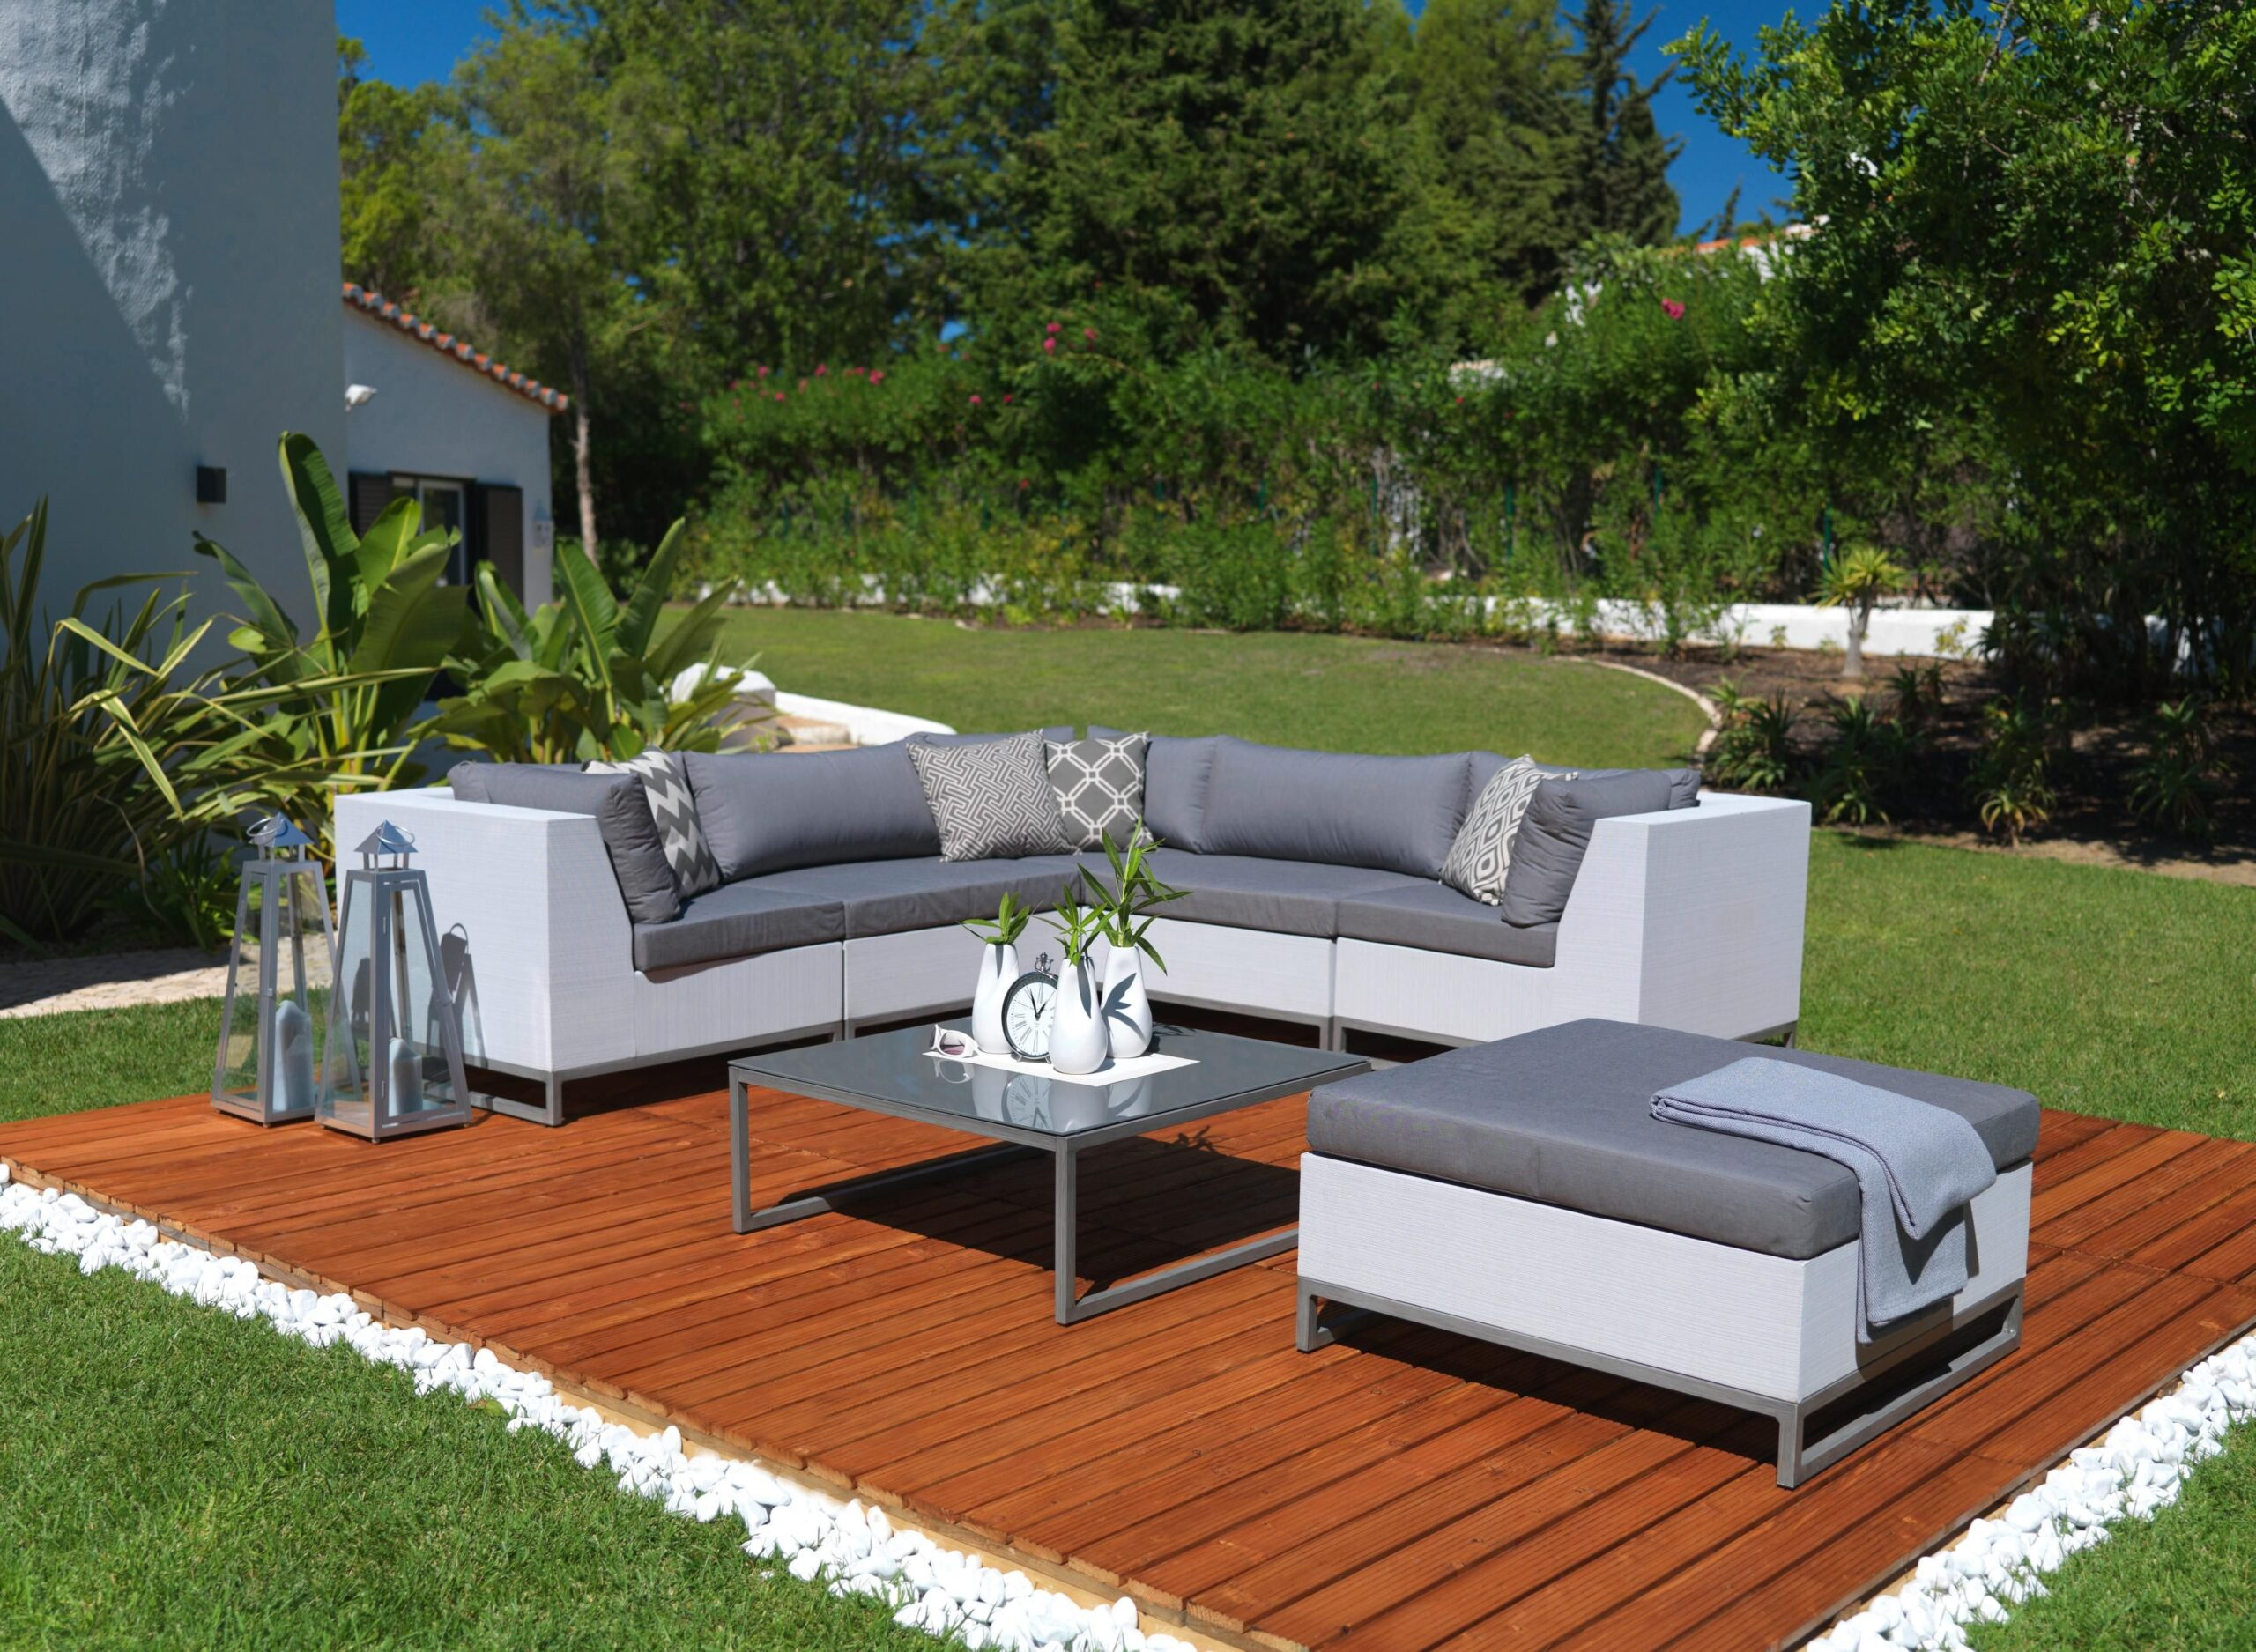 Full Size of Couch Terrasse Moderne Und Gemtliche Gartenlounge Garten Lounge Wohnzimmer Couch Terrasse